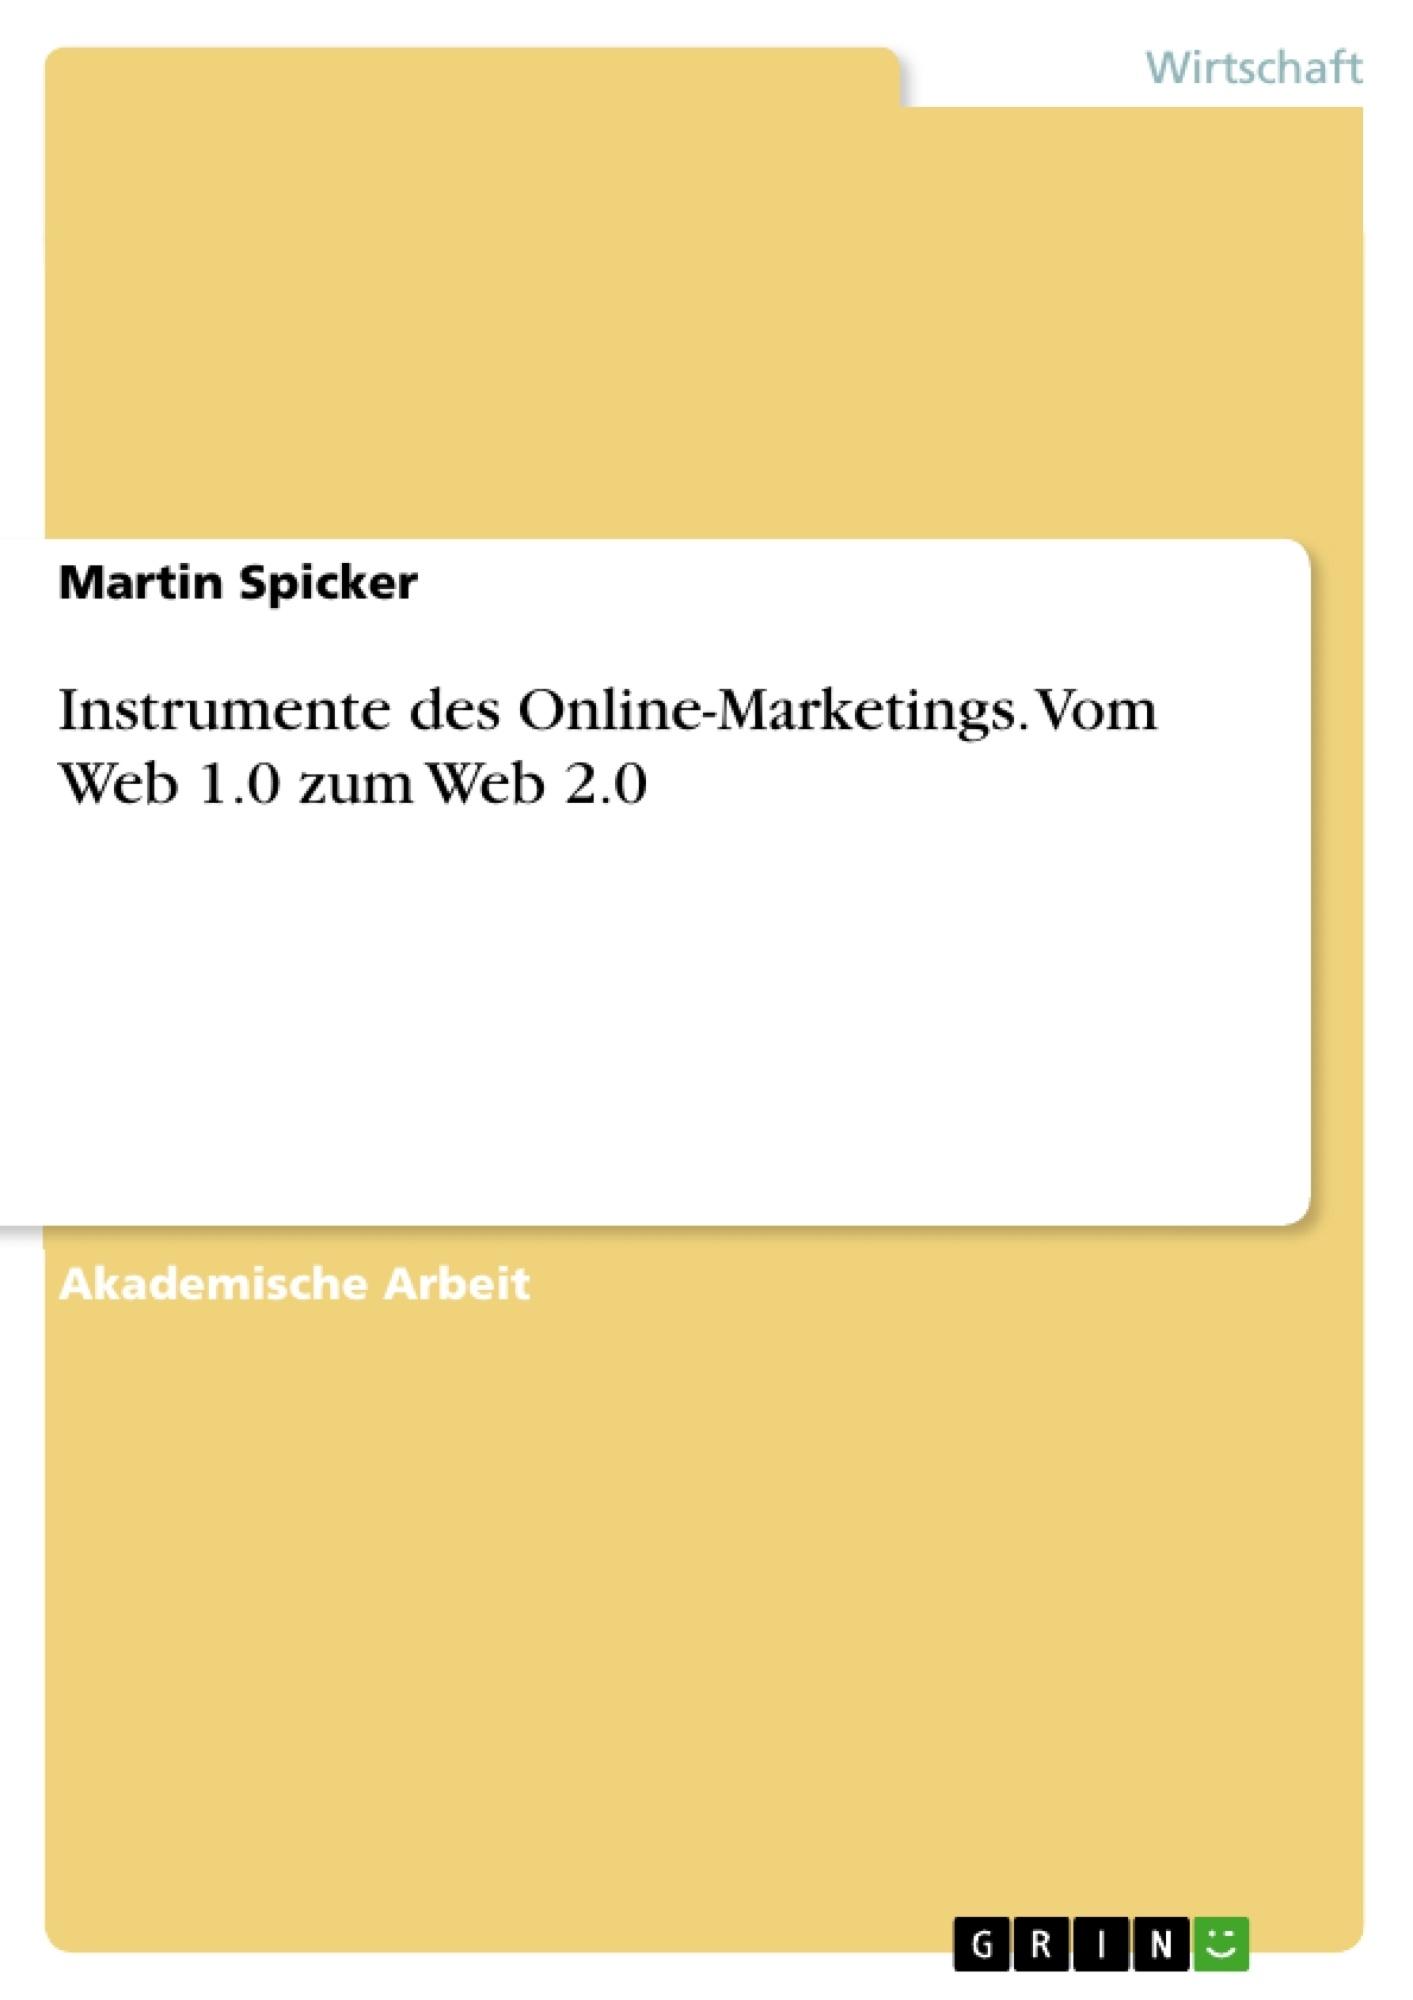 Titel: Instrumente des Online-Marketings. Vom Web 1.0 zum Web 2.0